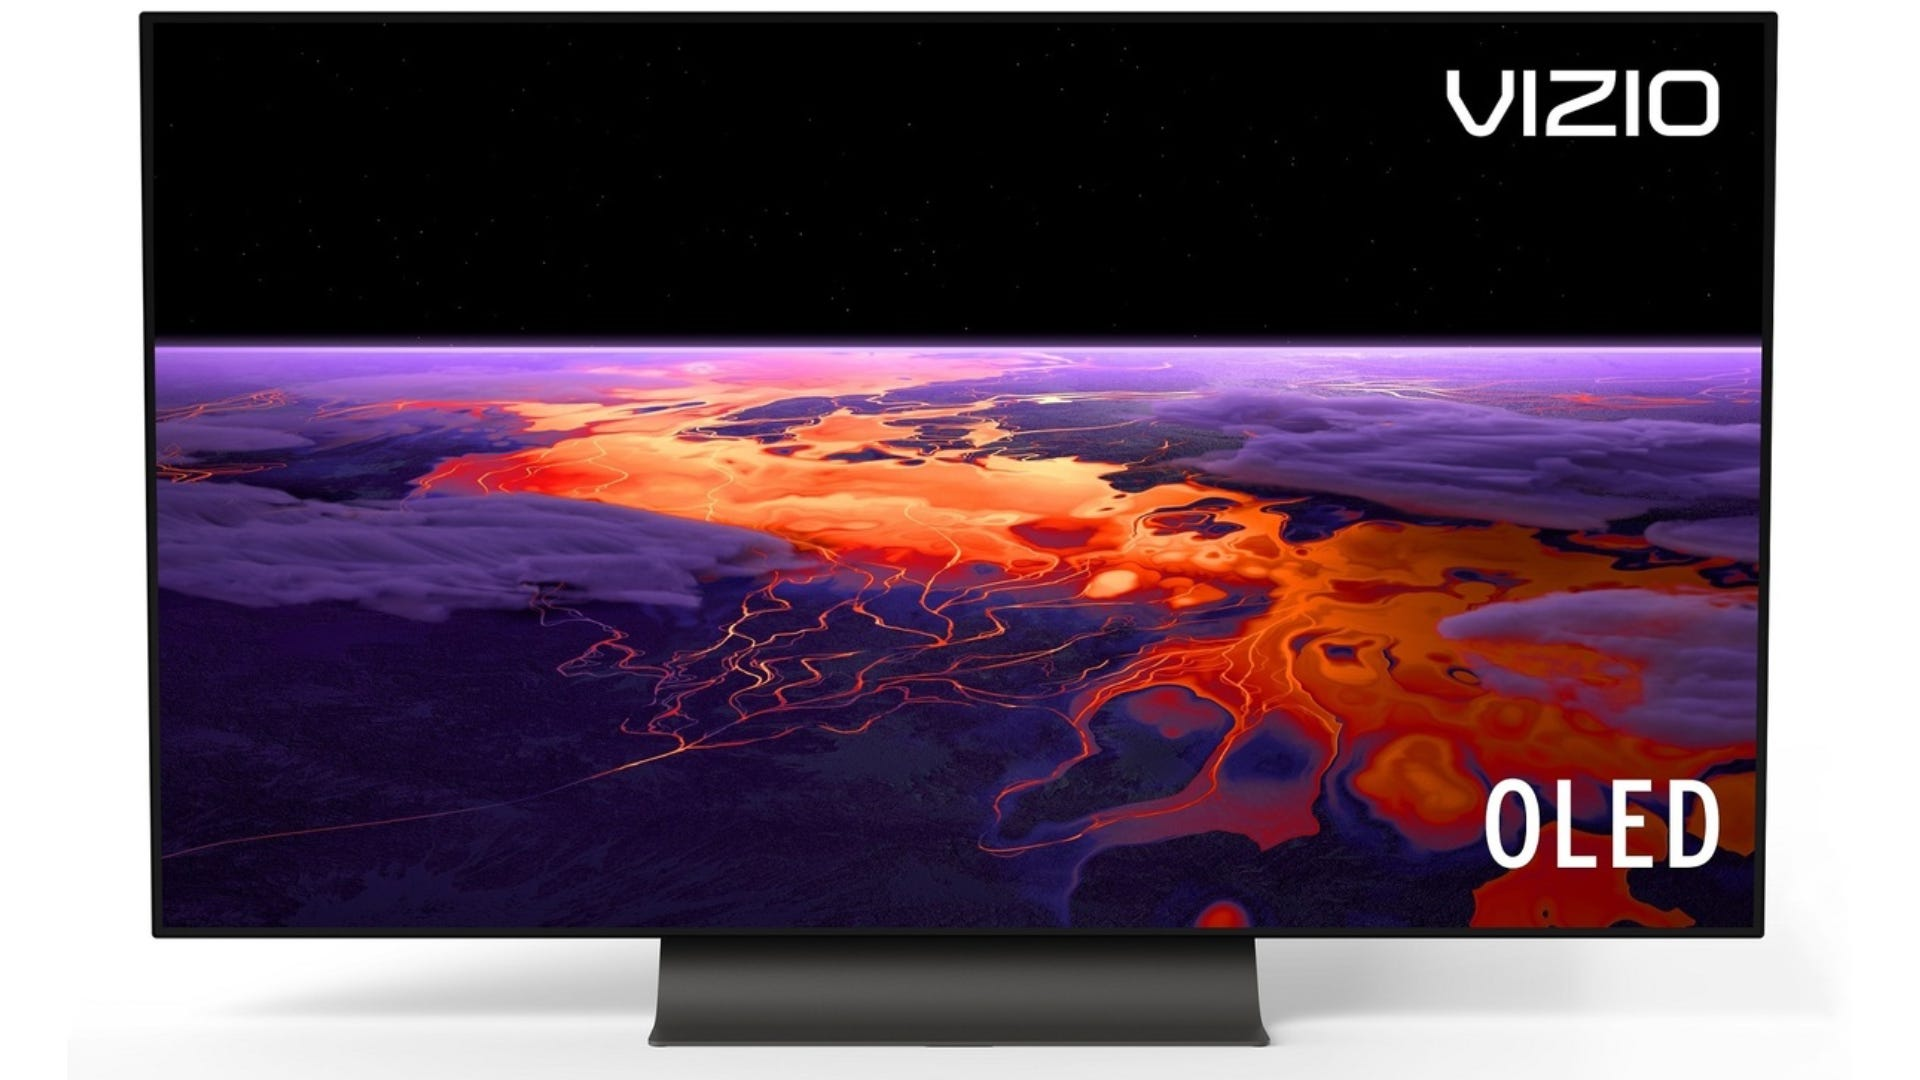 Render of Vizio's 2020 OLED TV